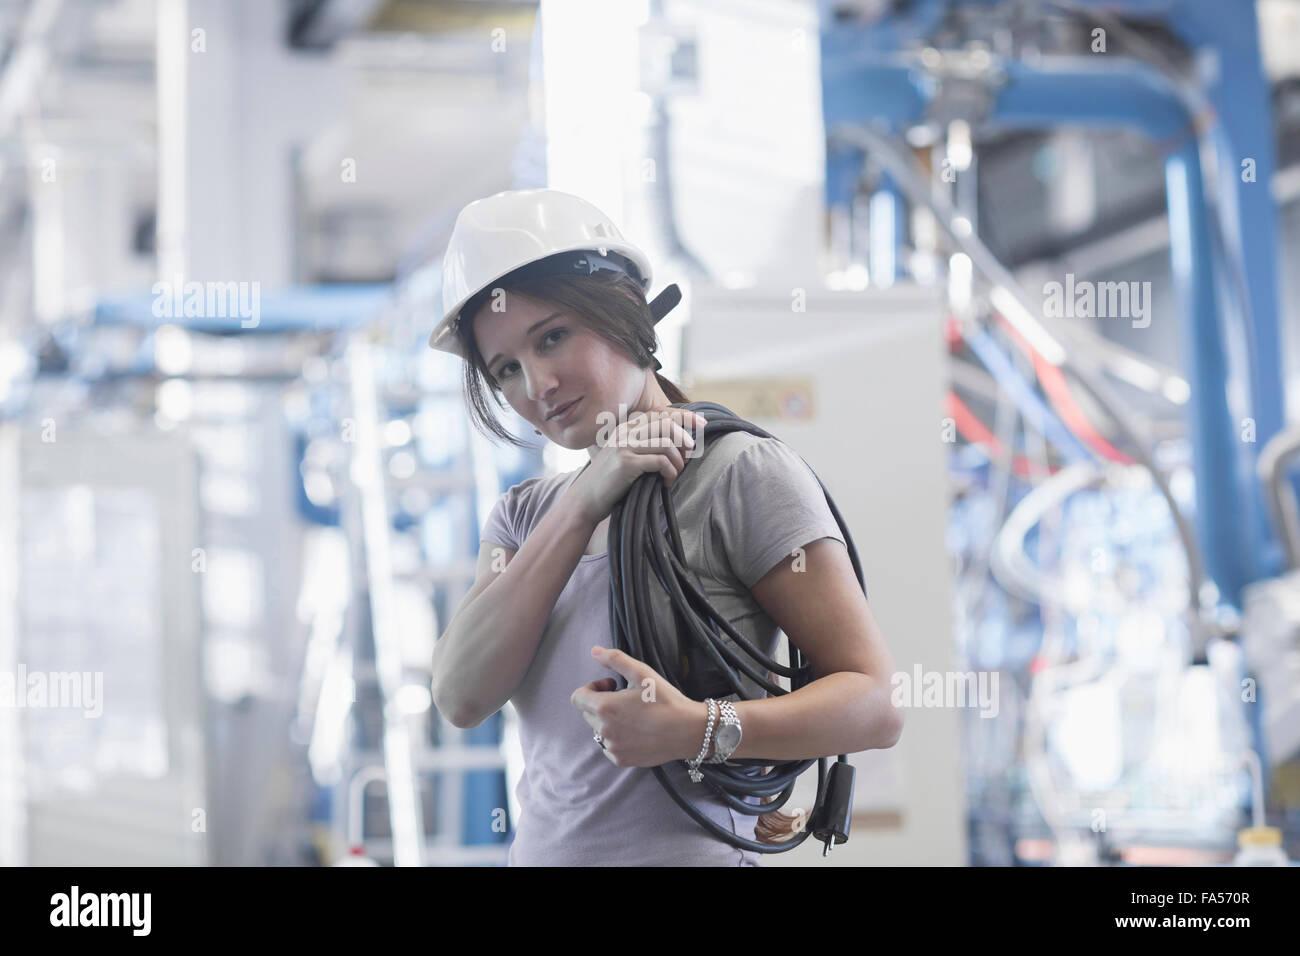 L'exécution de technicienne de la bobine de la corde sur l'épaule dans une installation industrielle, Photo Stock